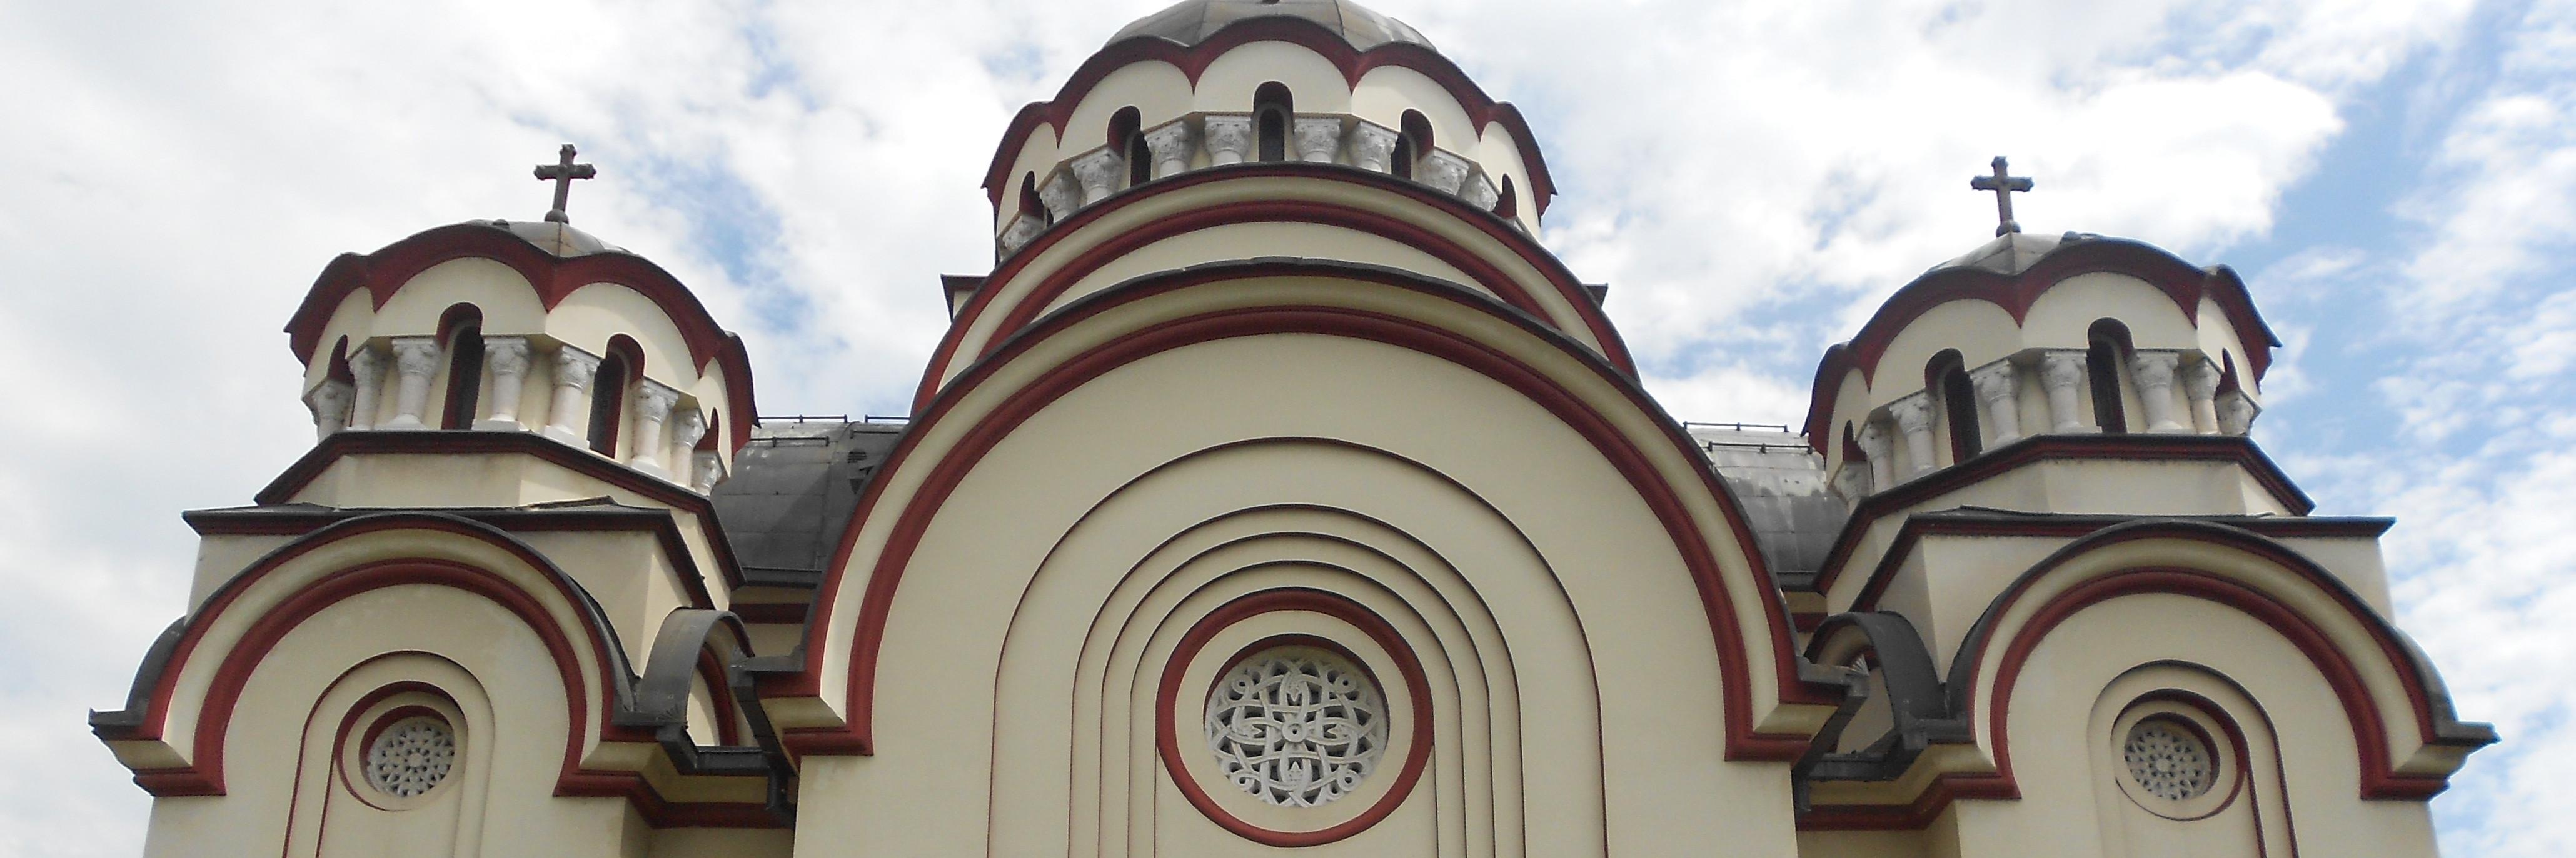 Церковь св. апостолов Петра и Павла в Добое